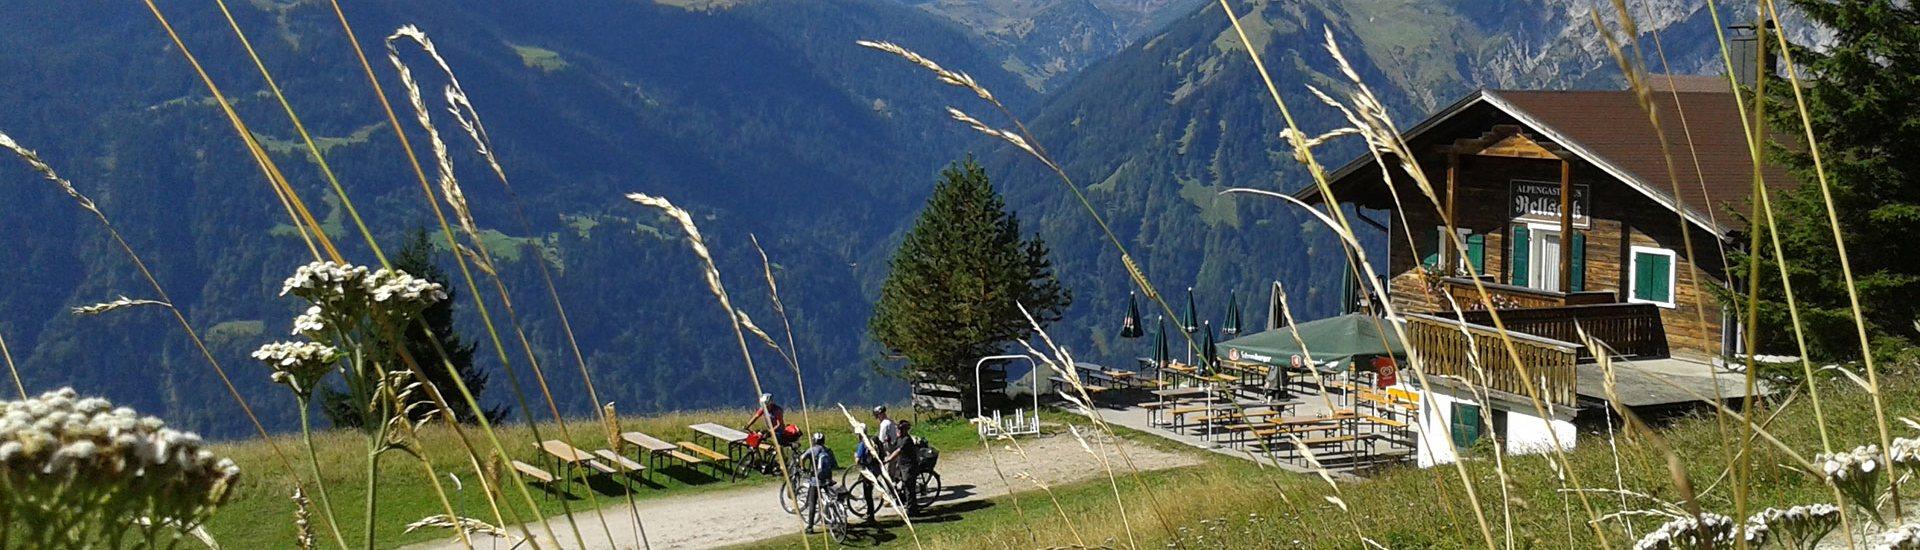 berggasthof-rellseck-montafon-1s